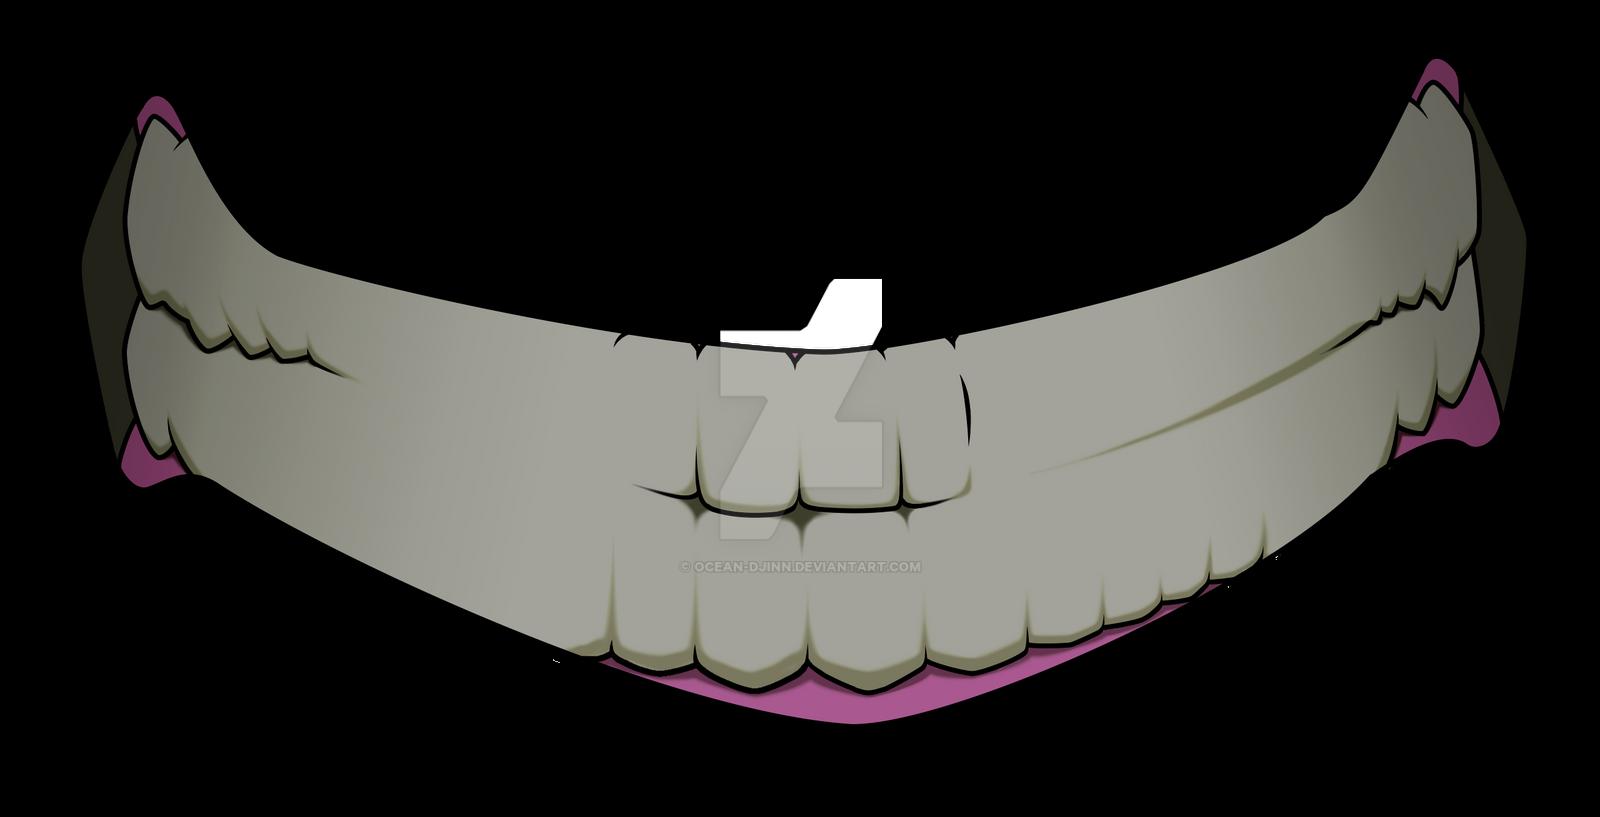 evil cartoon mouth - HD1600×817